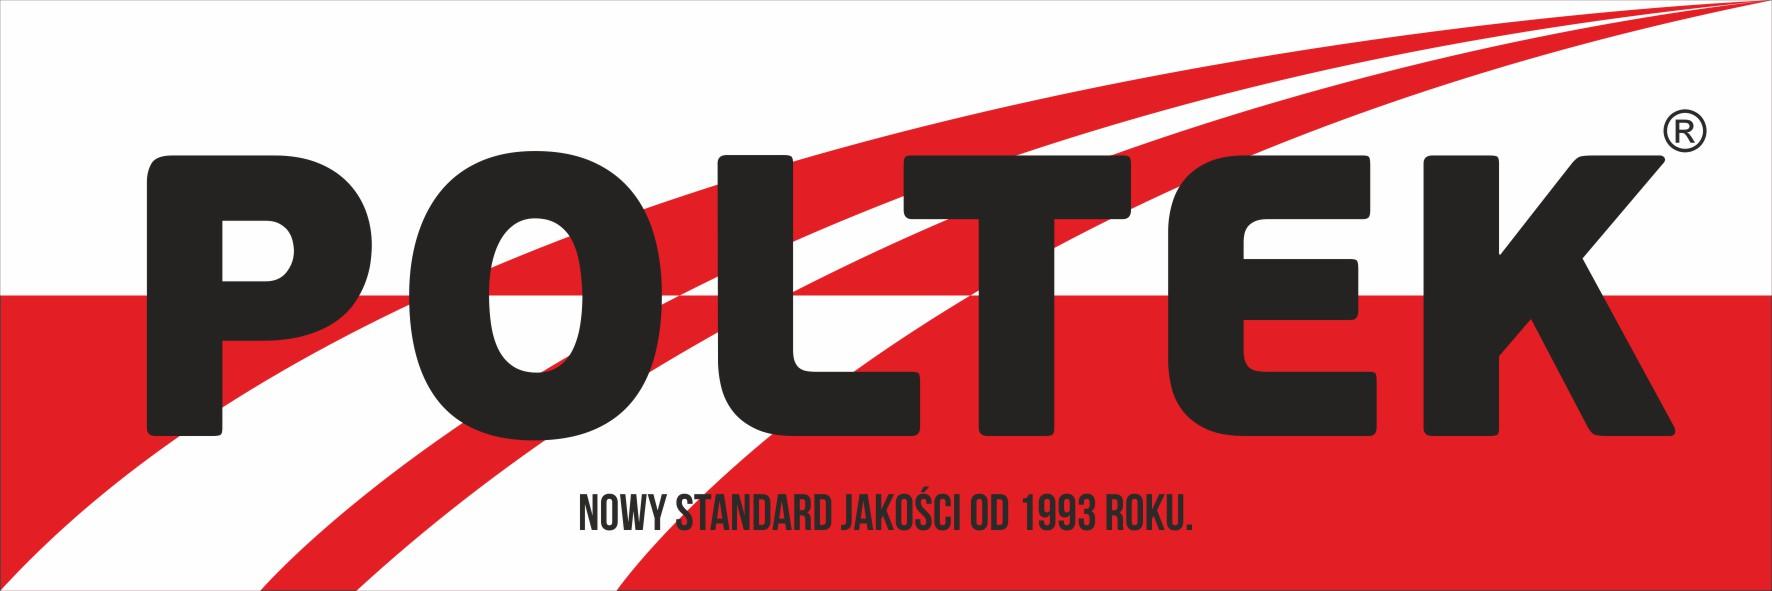 Logo Poltek